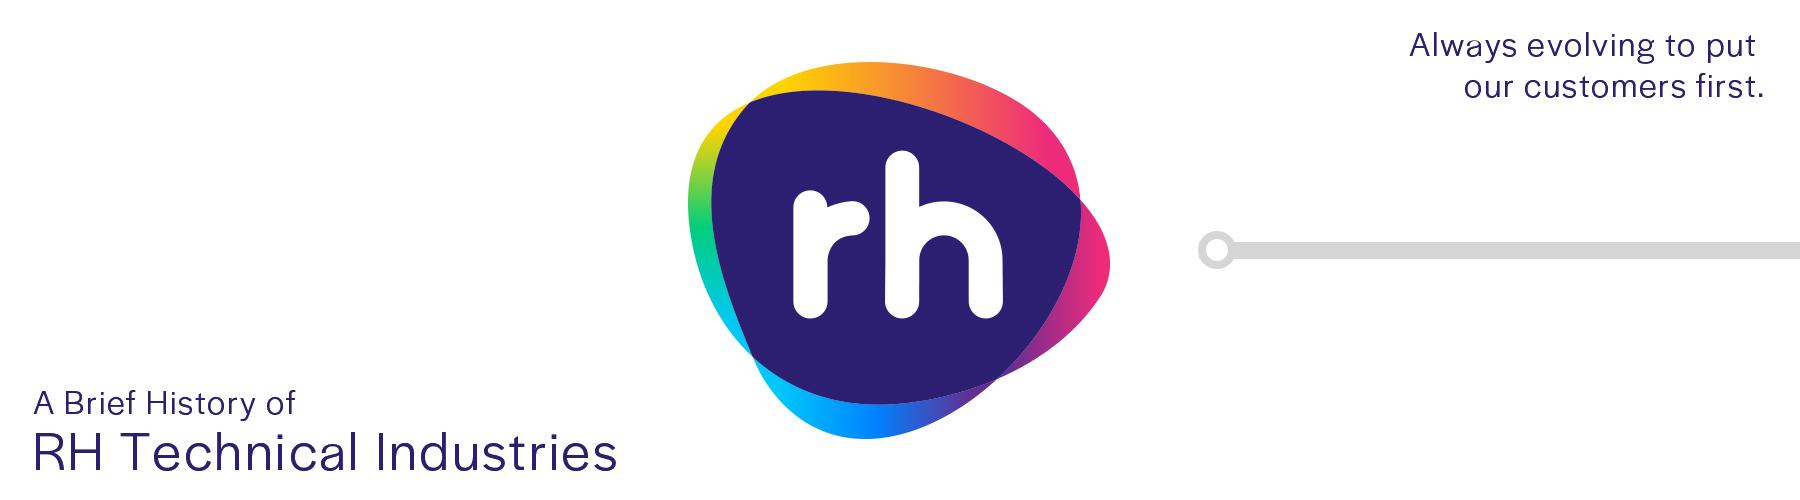 RH Timeline - Intro Slide